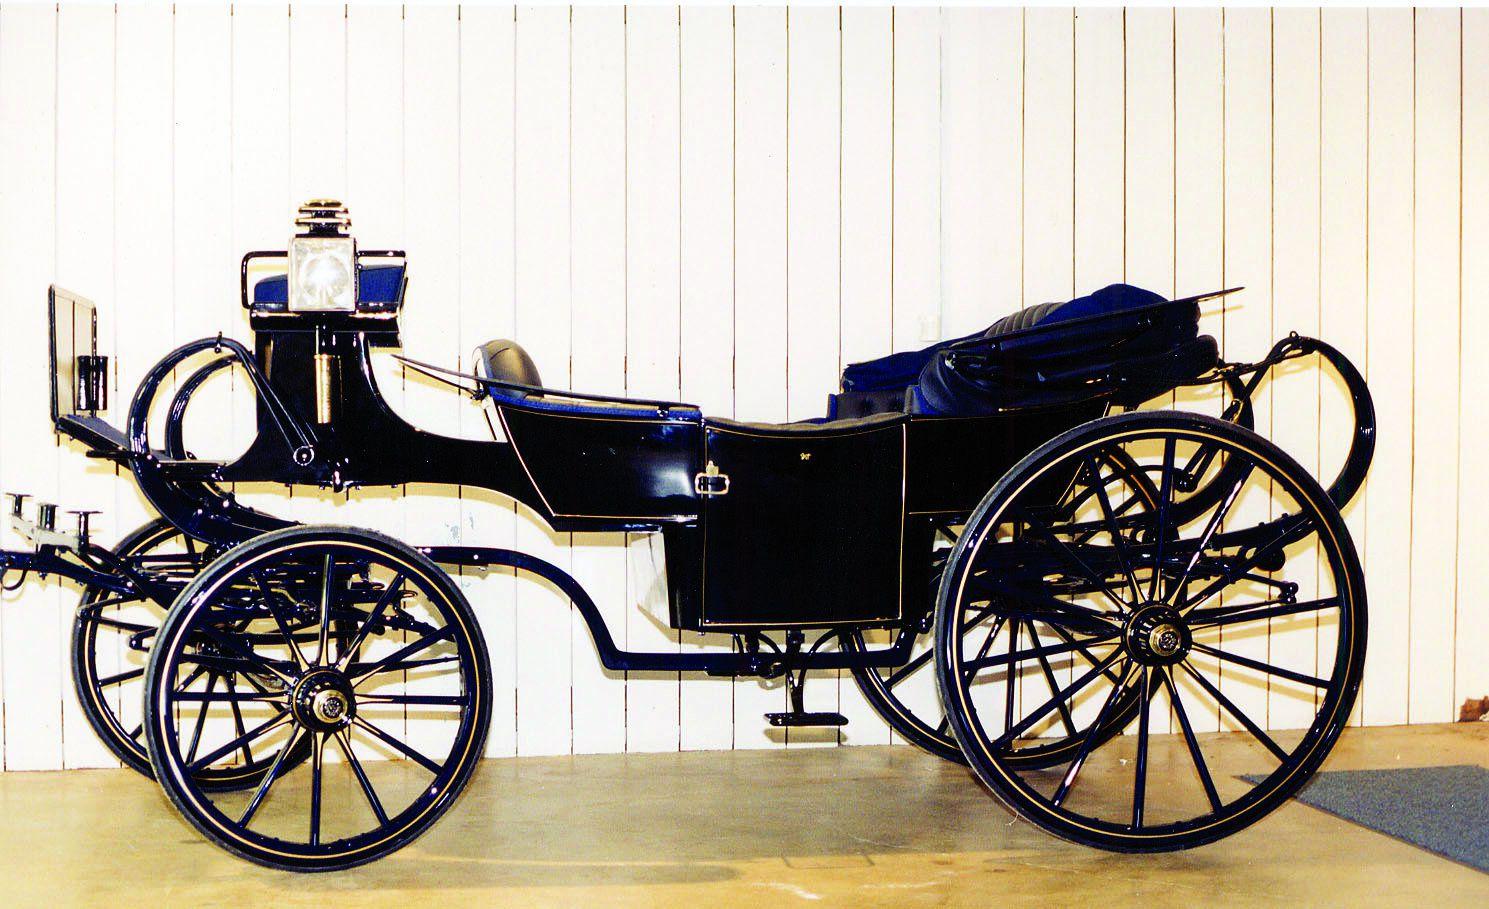 Une des plus charmantes voitures de la collection, une Caleche par Million & Guiet de Paris a été au service de la 'Princesse Alexandra', rôle joué par l'actrice Grace Kelly, quelques mois avant qu'elle n'accède au titre de Princesse de Monaco.